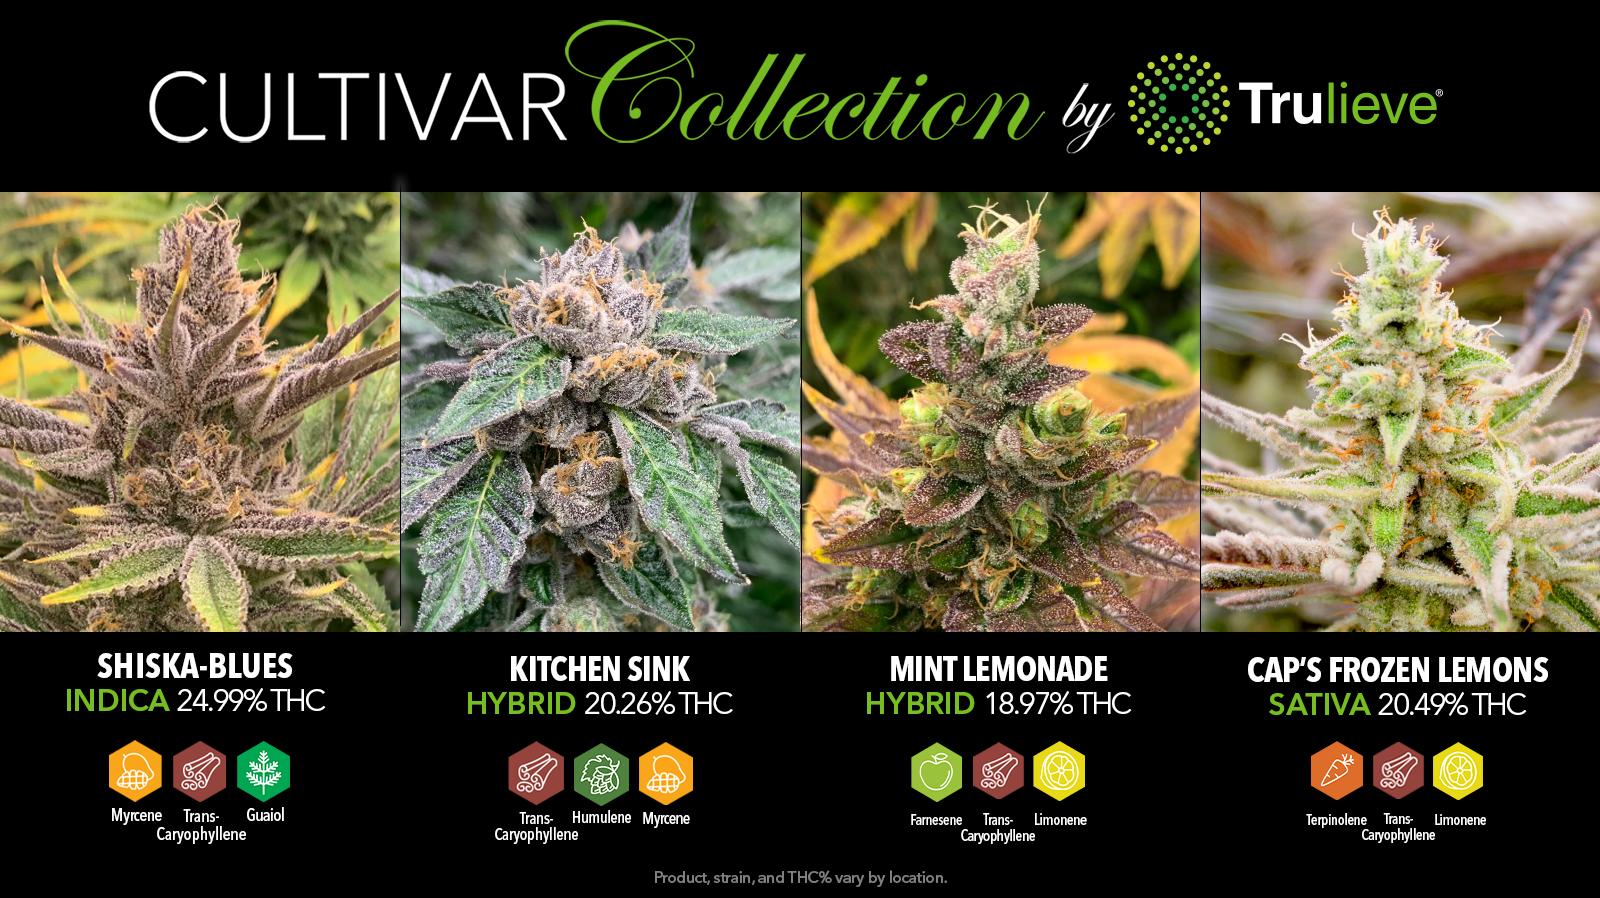 Cultivar Collection